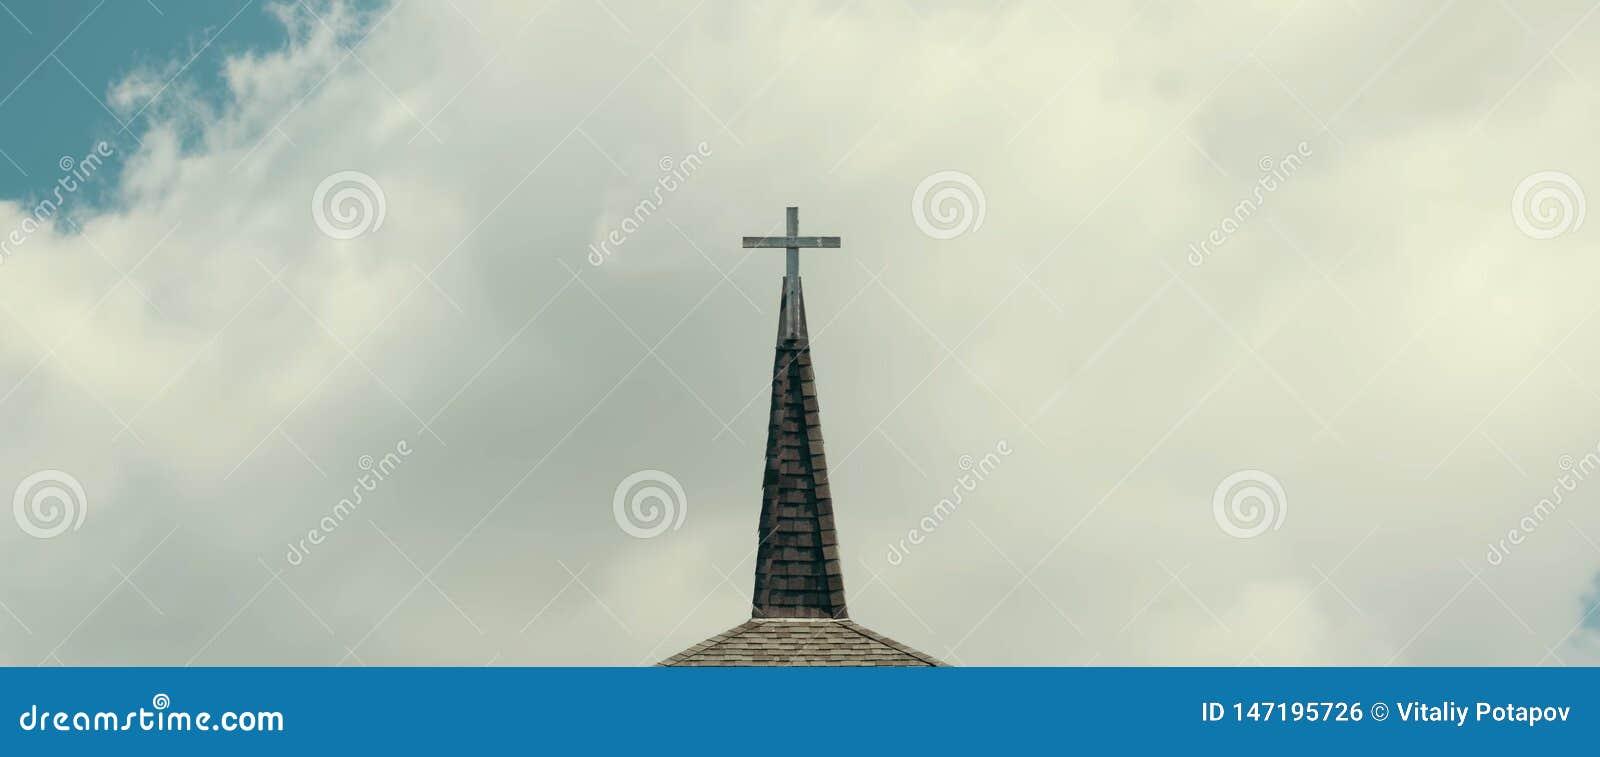 Cross Against Cloudy Sky.